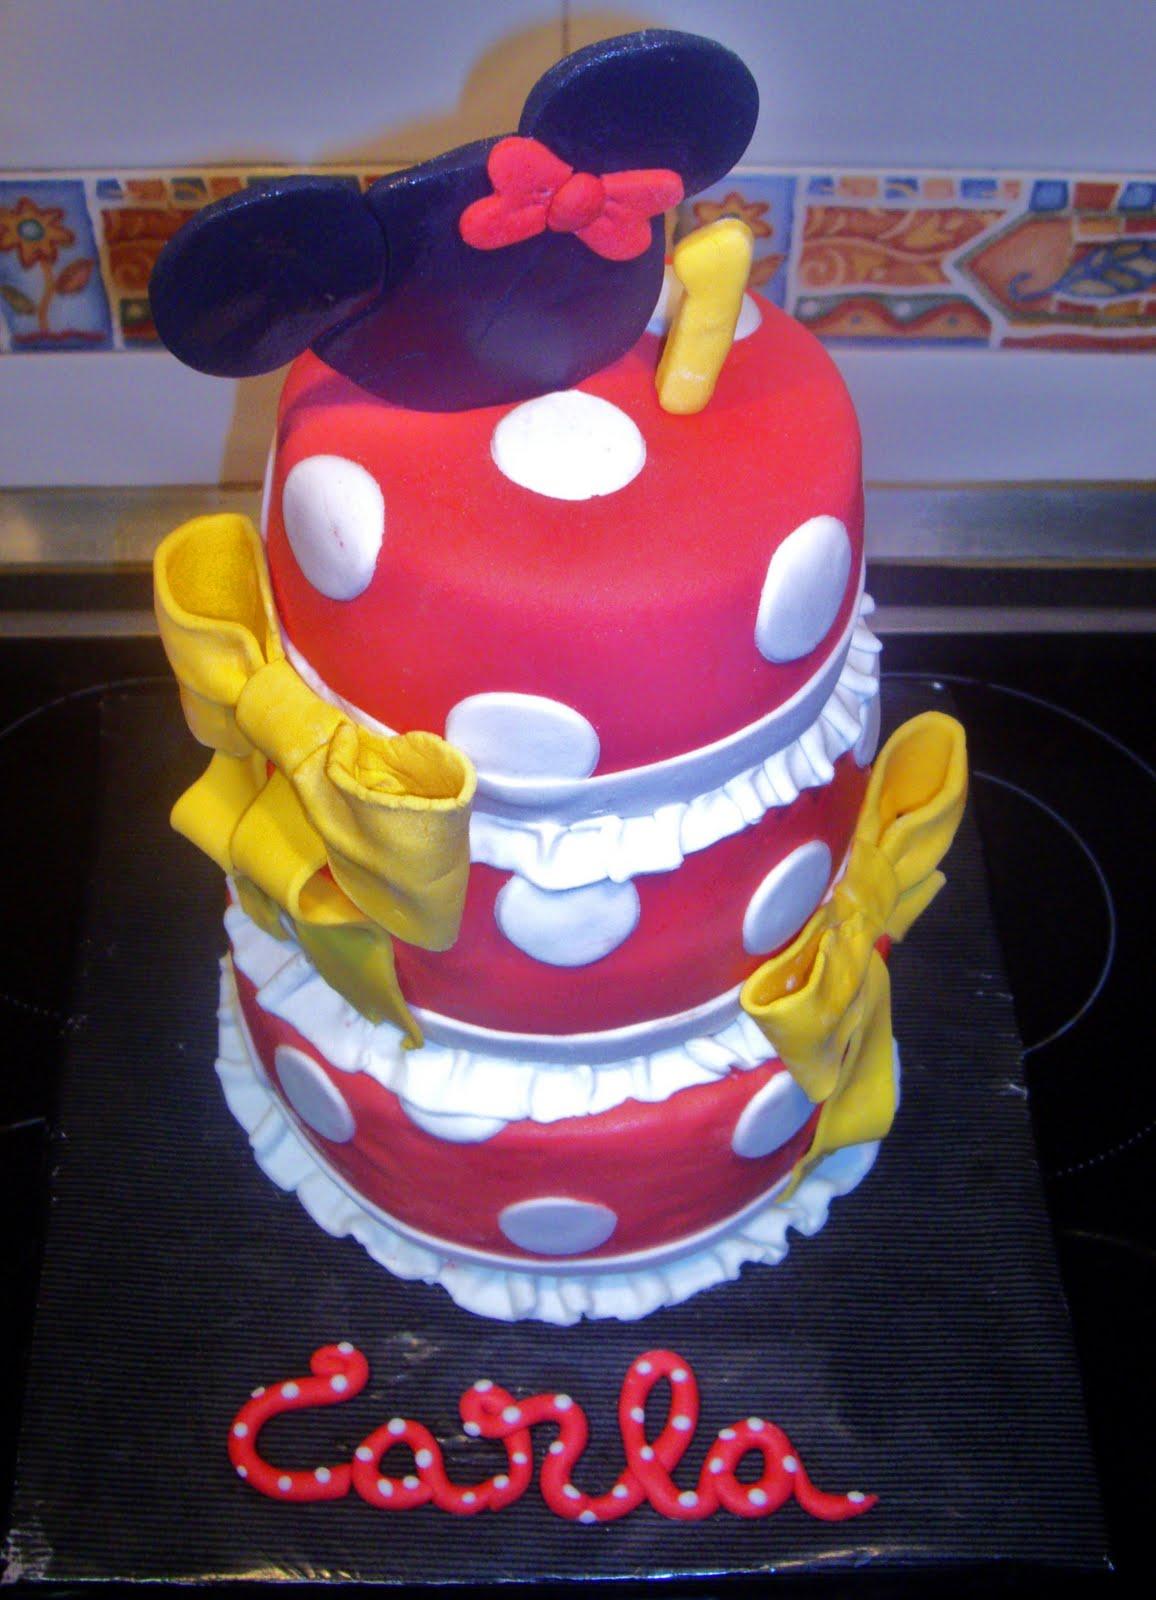 ... tarta, aunque sencilla, los colores son los clásicos de Minnie